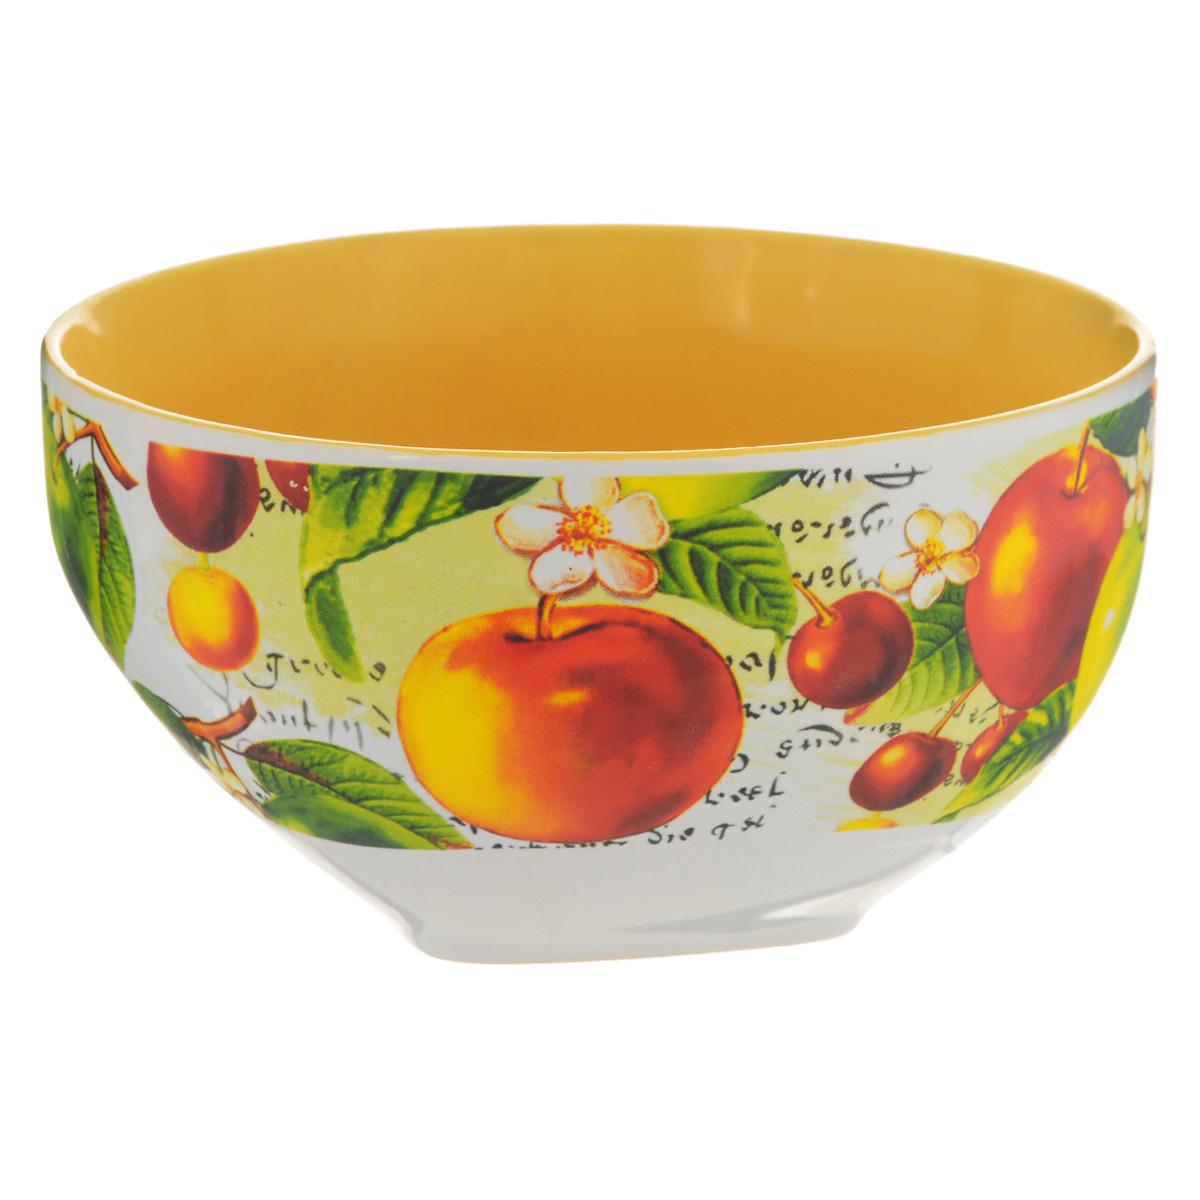 Салатник Ассорти, 510 мл54 009312Салатник Ассорти изготовлен из высококачественной керамики и декорирован ярким изображением вишни и яблок. Он прекрасно впишется в интерьер вашей кухни и станет достойным дополнением к кухонному инвентарю. Такой салатник не только украсит ваш кухонный стол и подчеркнет прекрасный вкус хозяйки, но и станет отличным подарком.Можно использовать в посудомоечной машине и микроволновой печи. Объем салатника: 510 мл. Диаметр салатника: 13 см. Высота салатника: 7 см.